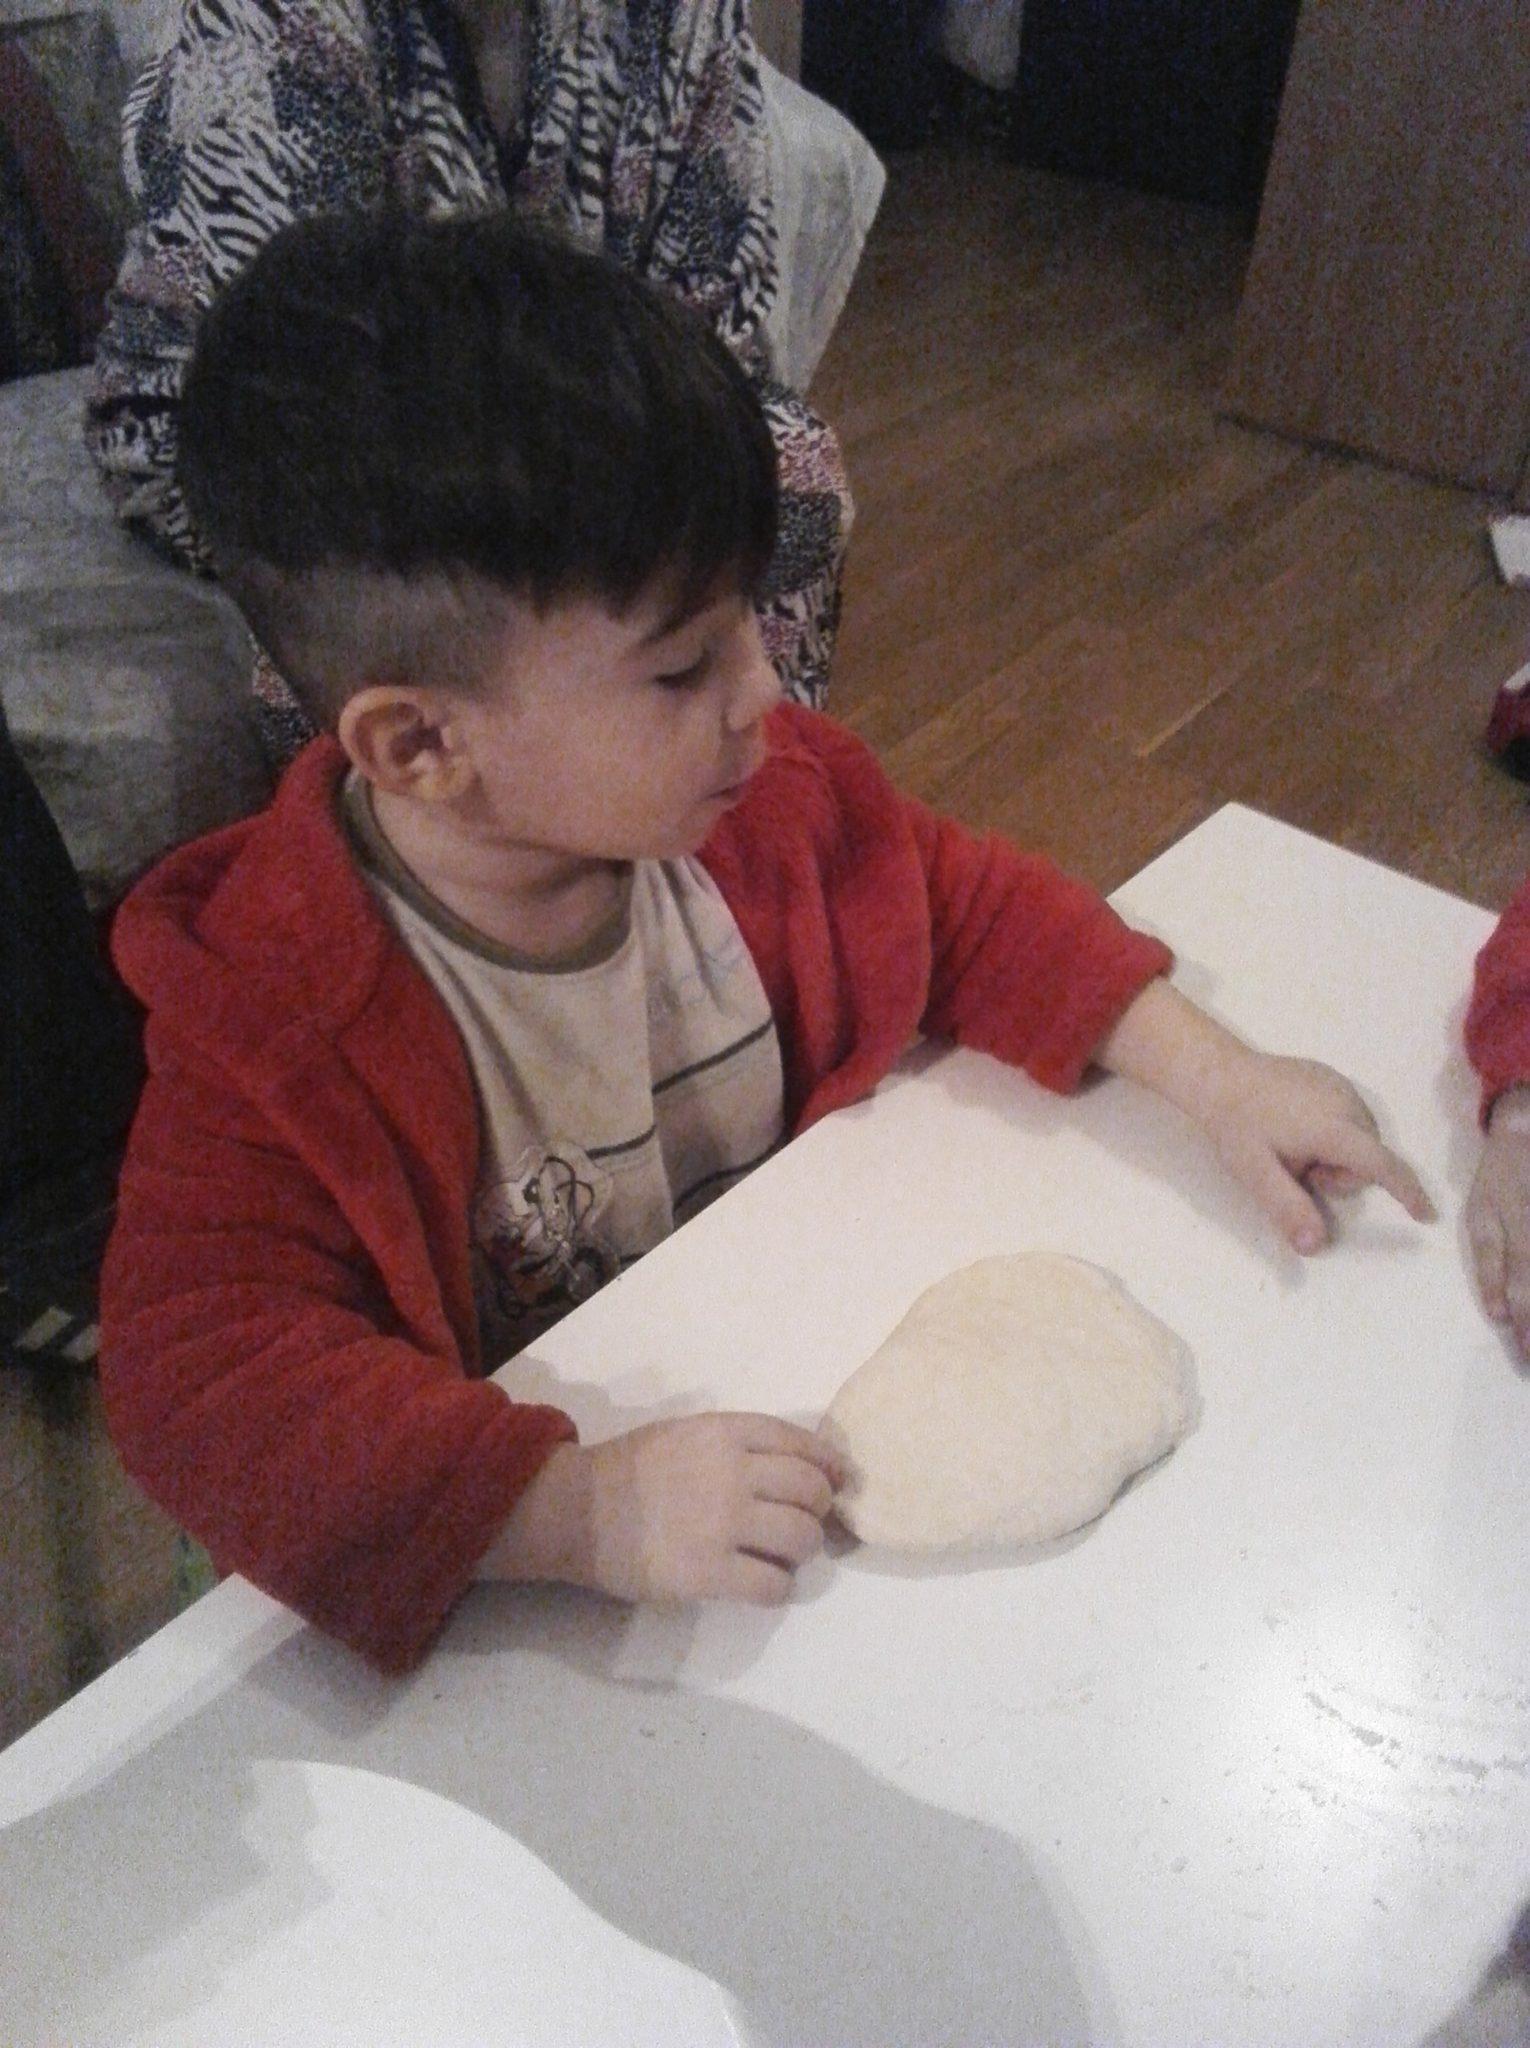 IMG 20161229 WA0051 - Hacer pan de sartén con niños